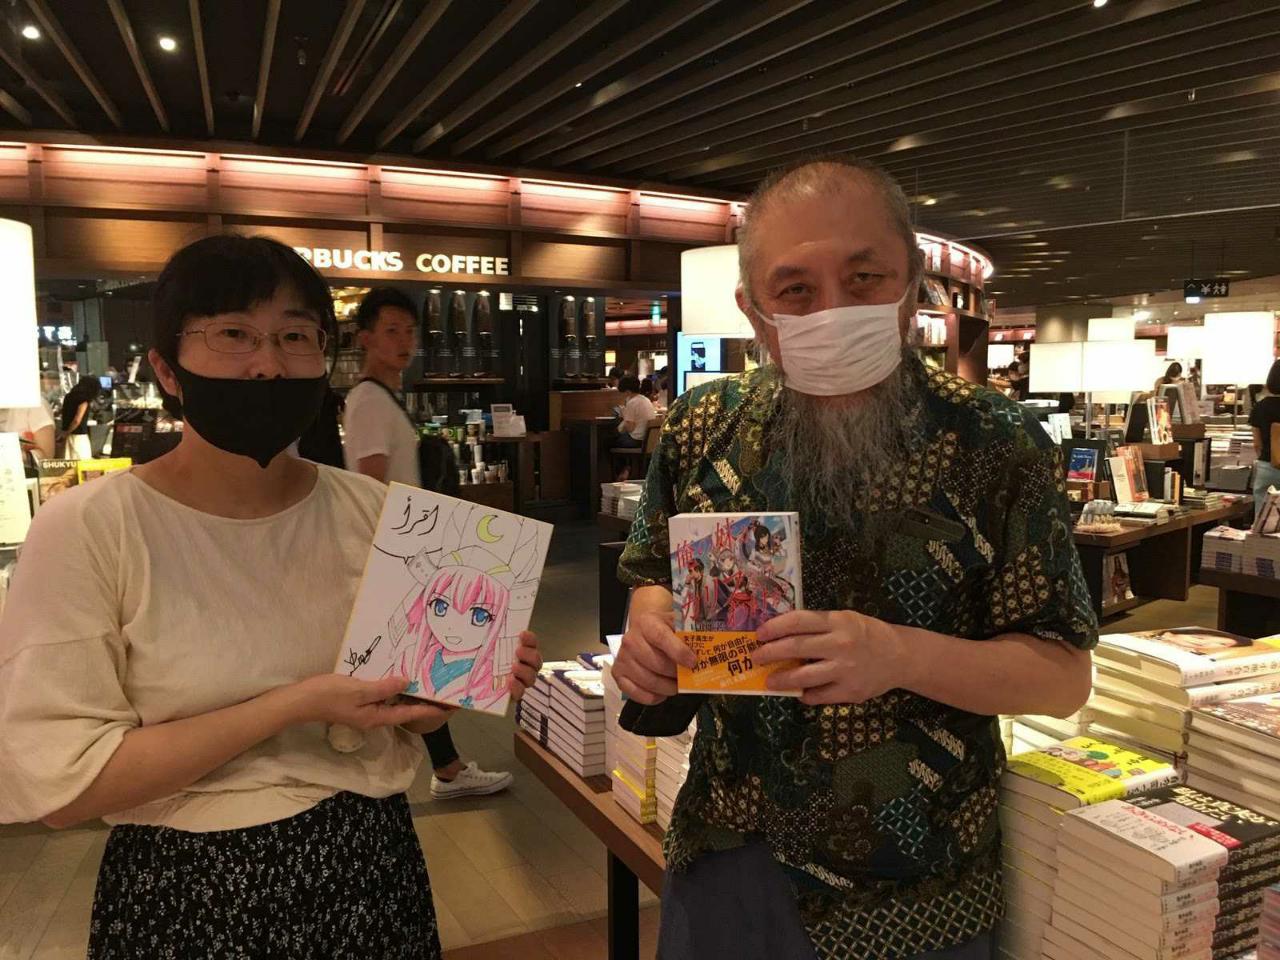 Inilah Light Novel Jepang Pertama Yang Dijamin Sesuai Syariat Islam! 「Halal!」